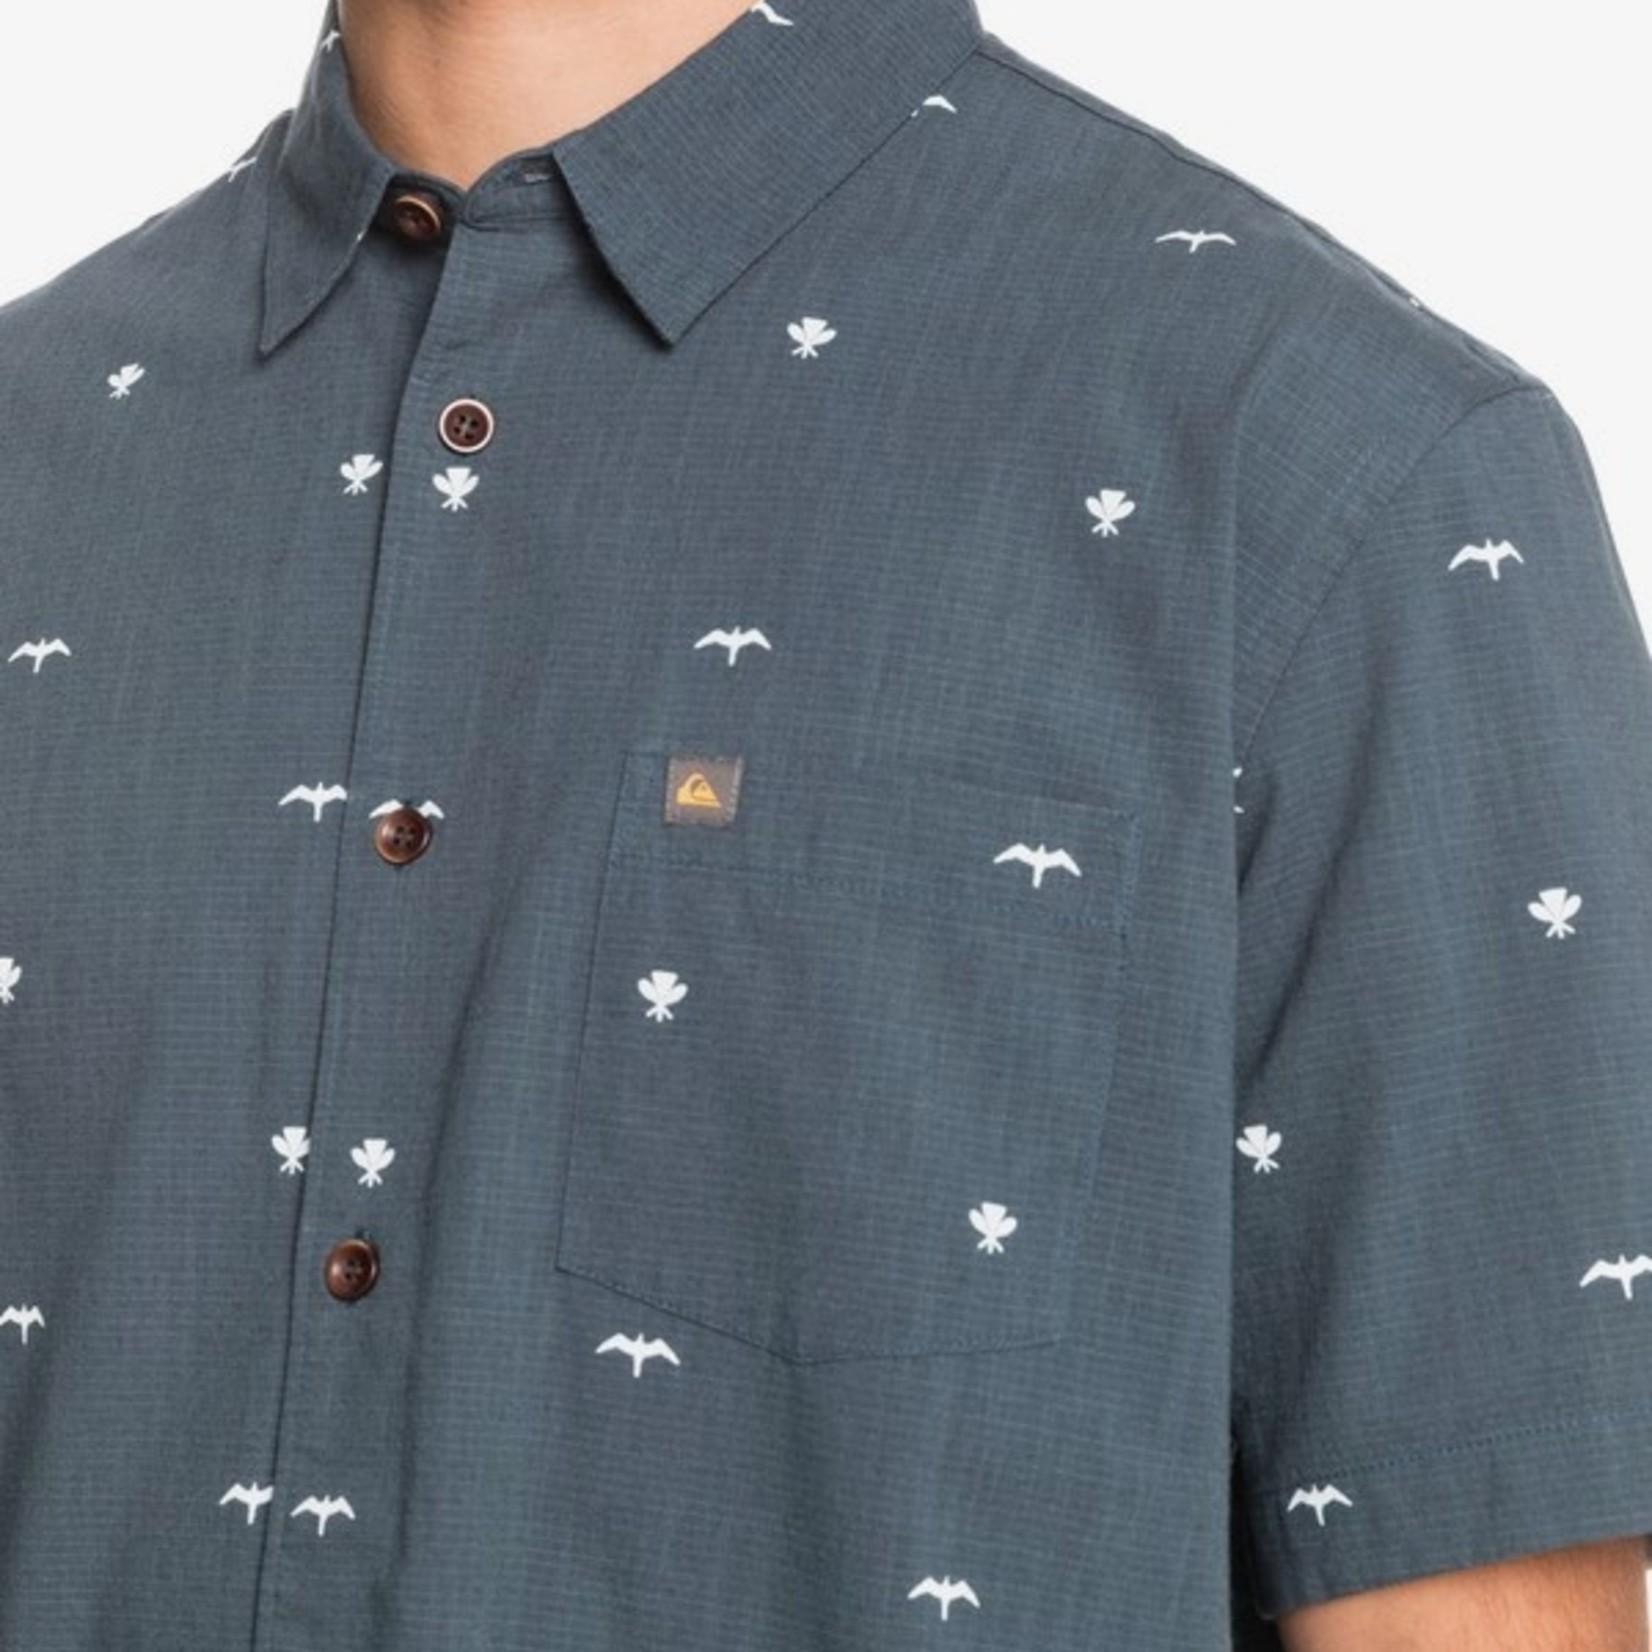 Quiksilver Quiksilver Iwa Flight Shirt